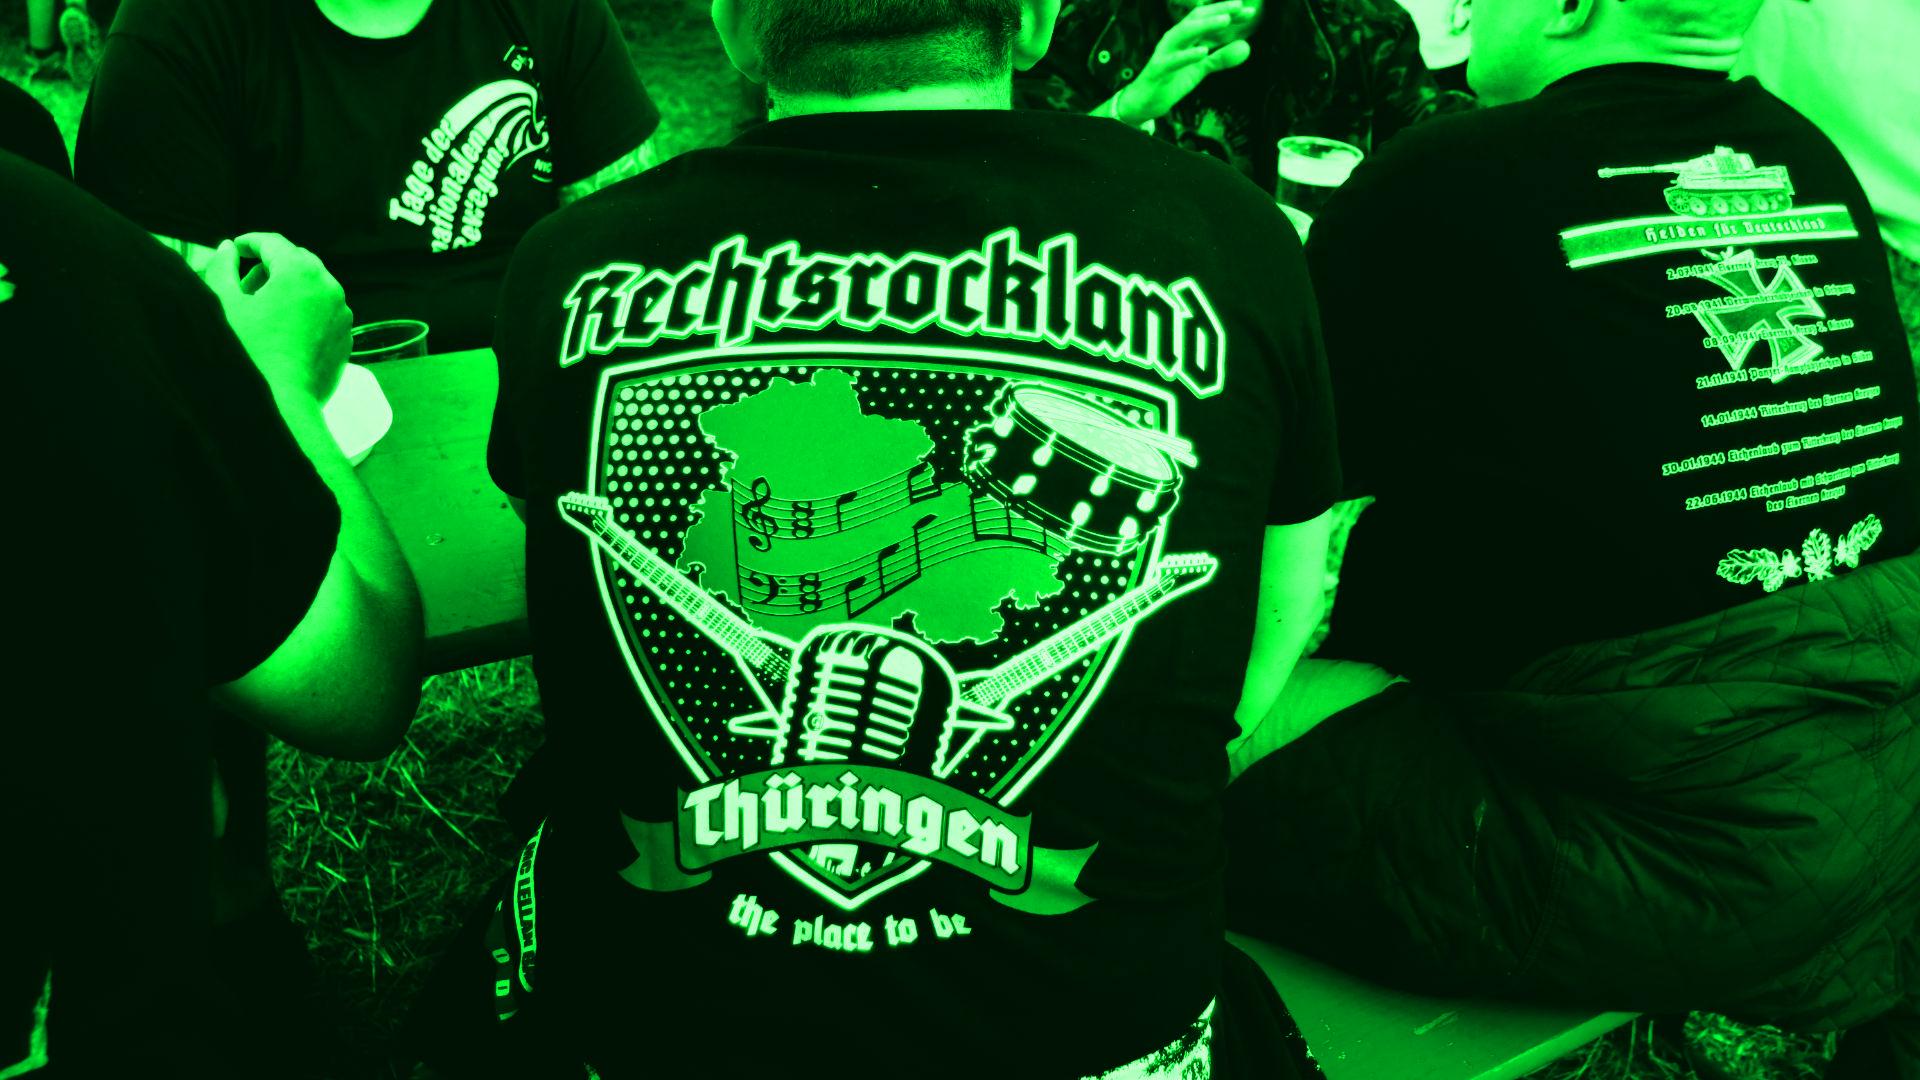 Rechtsrock-Konzerte in Deutschland –  Ausgangspunkt des Rechtsextremismus